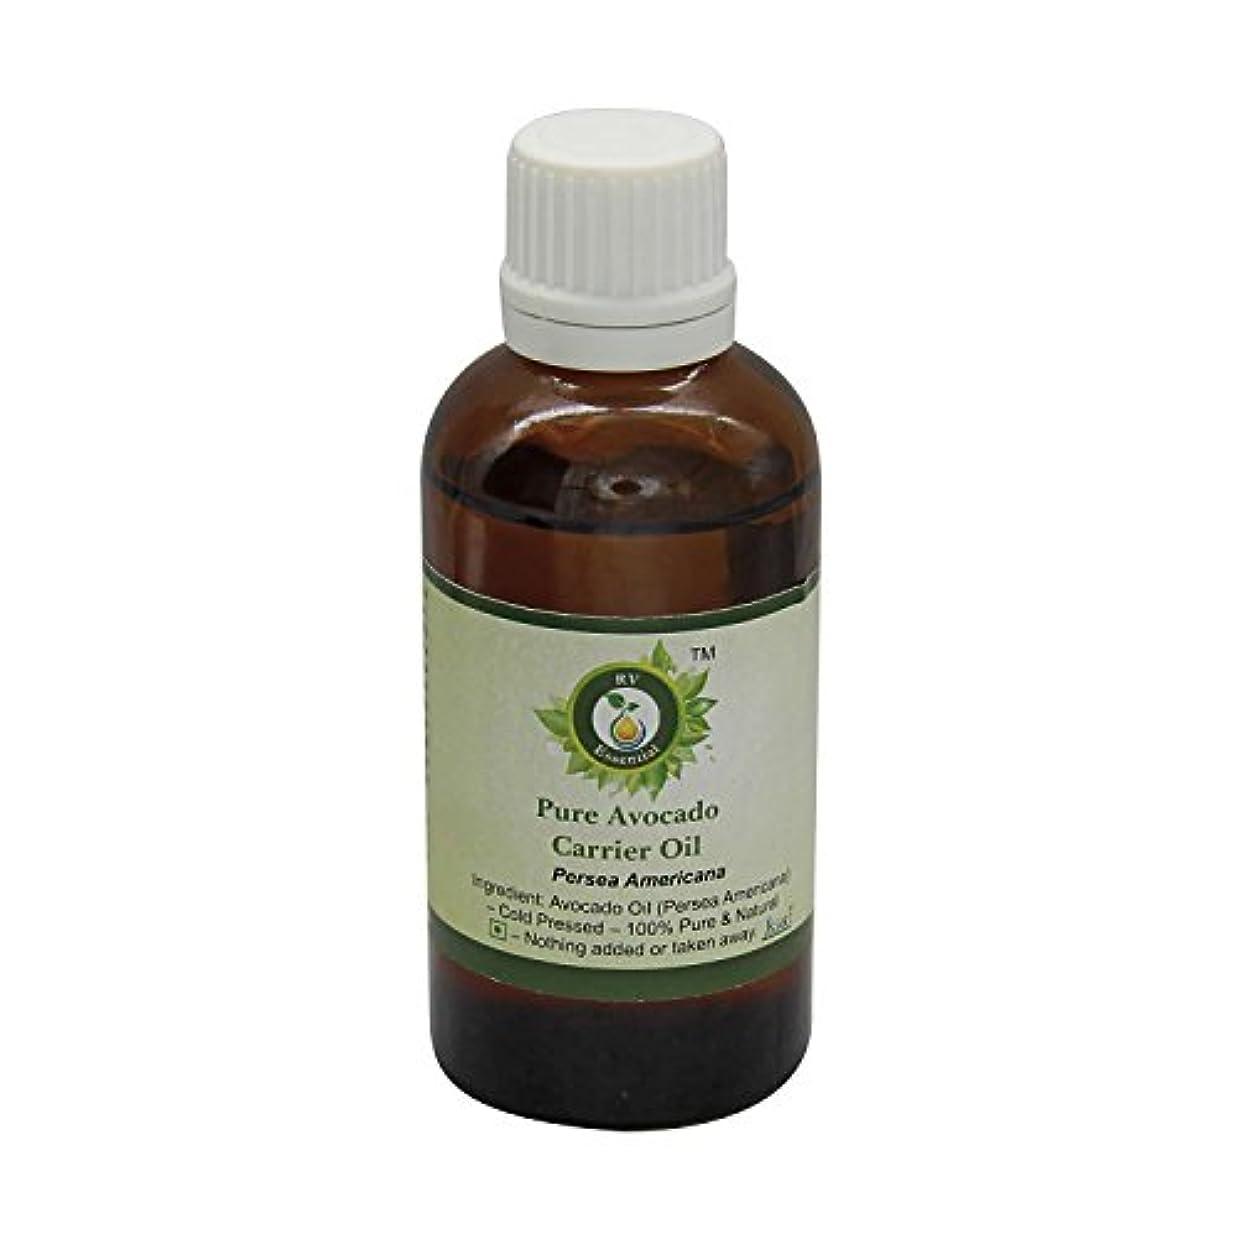 雑多な剥離天のR V Essential ピュアアボカドキャリアオイル15ml (0.507oz)- Persea Americana (100%ピュア&ナチュラルコールドPressed) Pure Avocado Carrier Oil